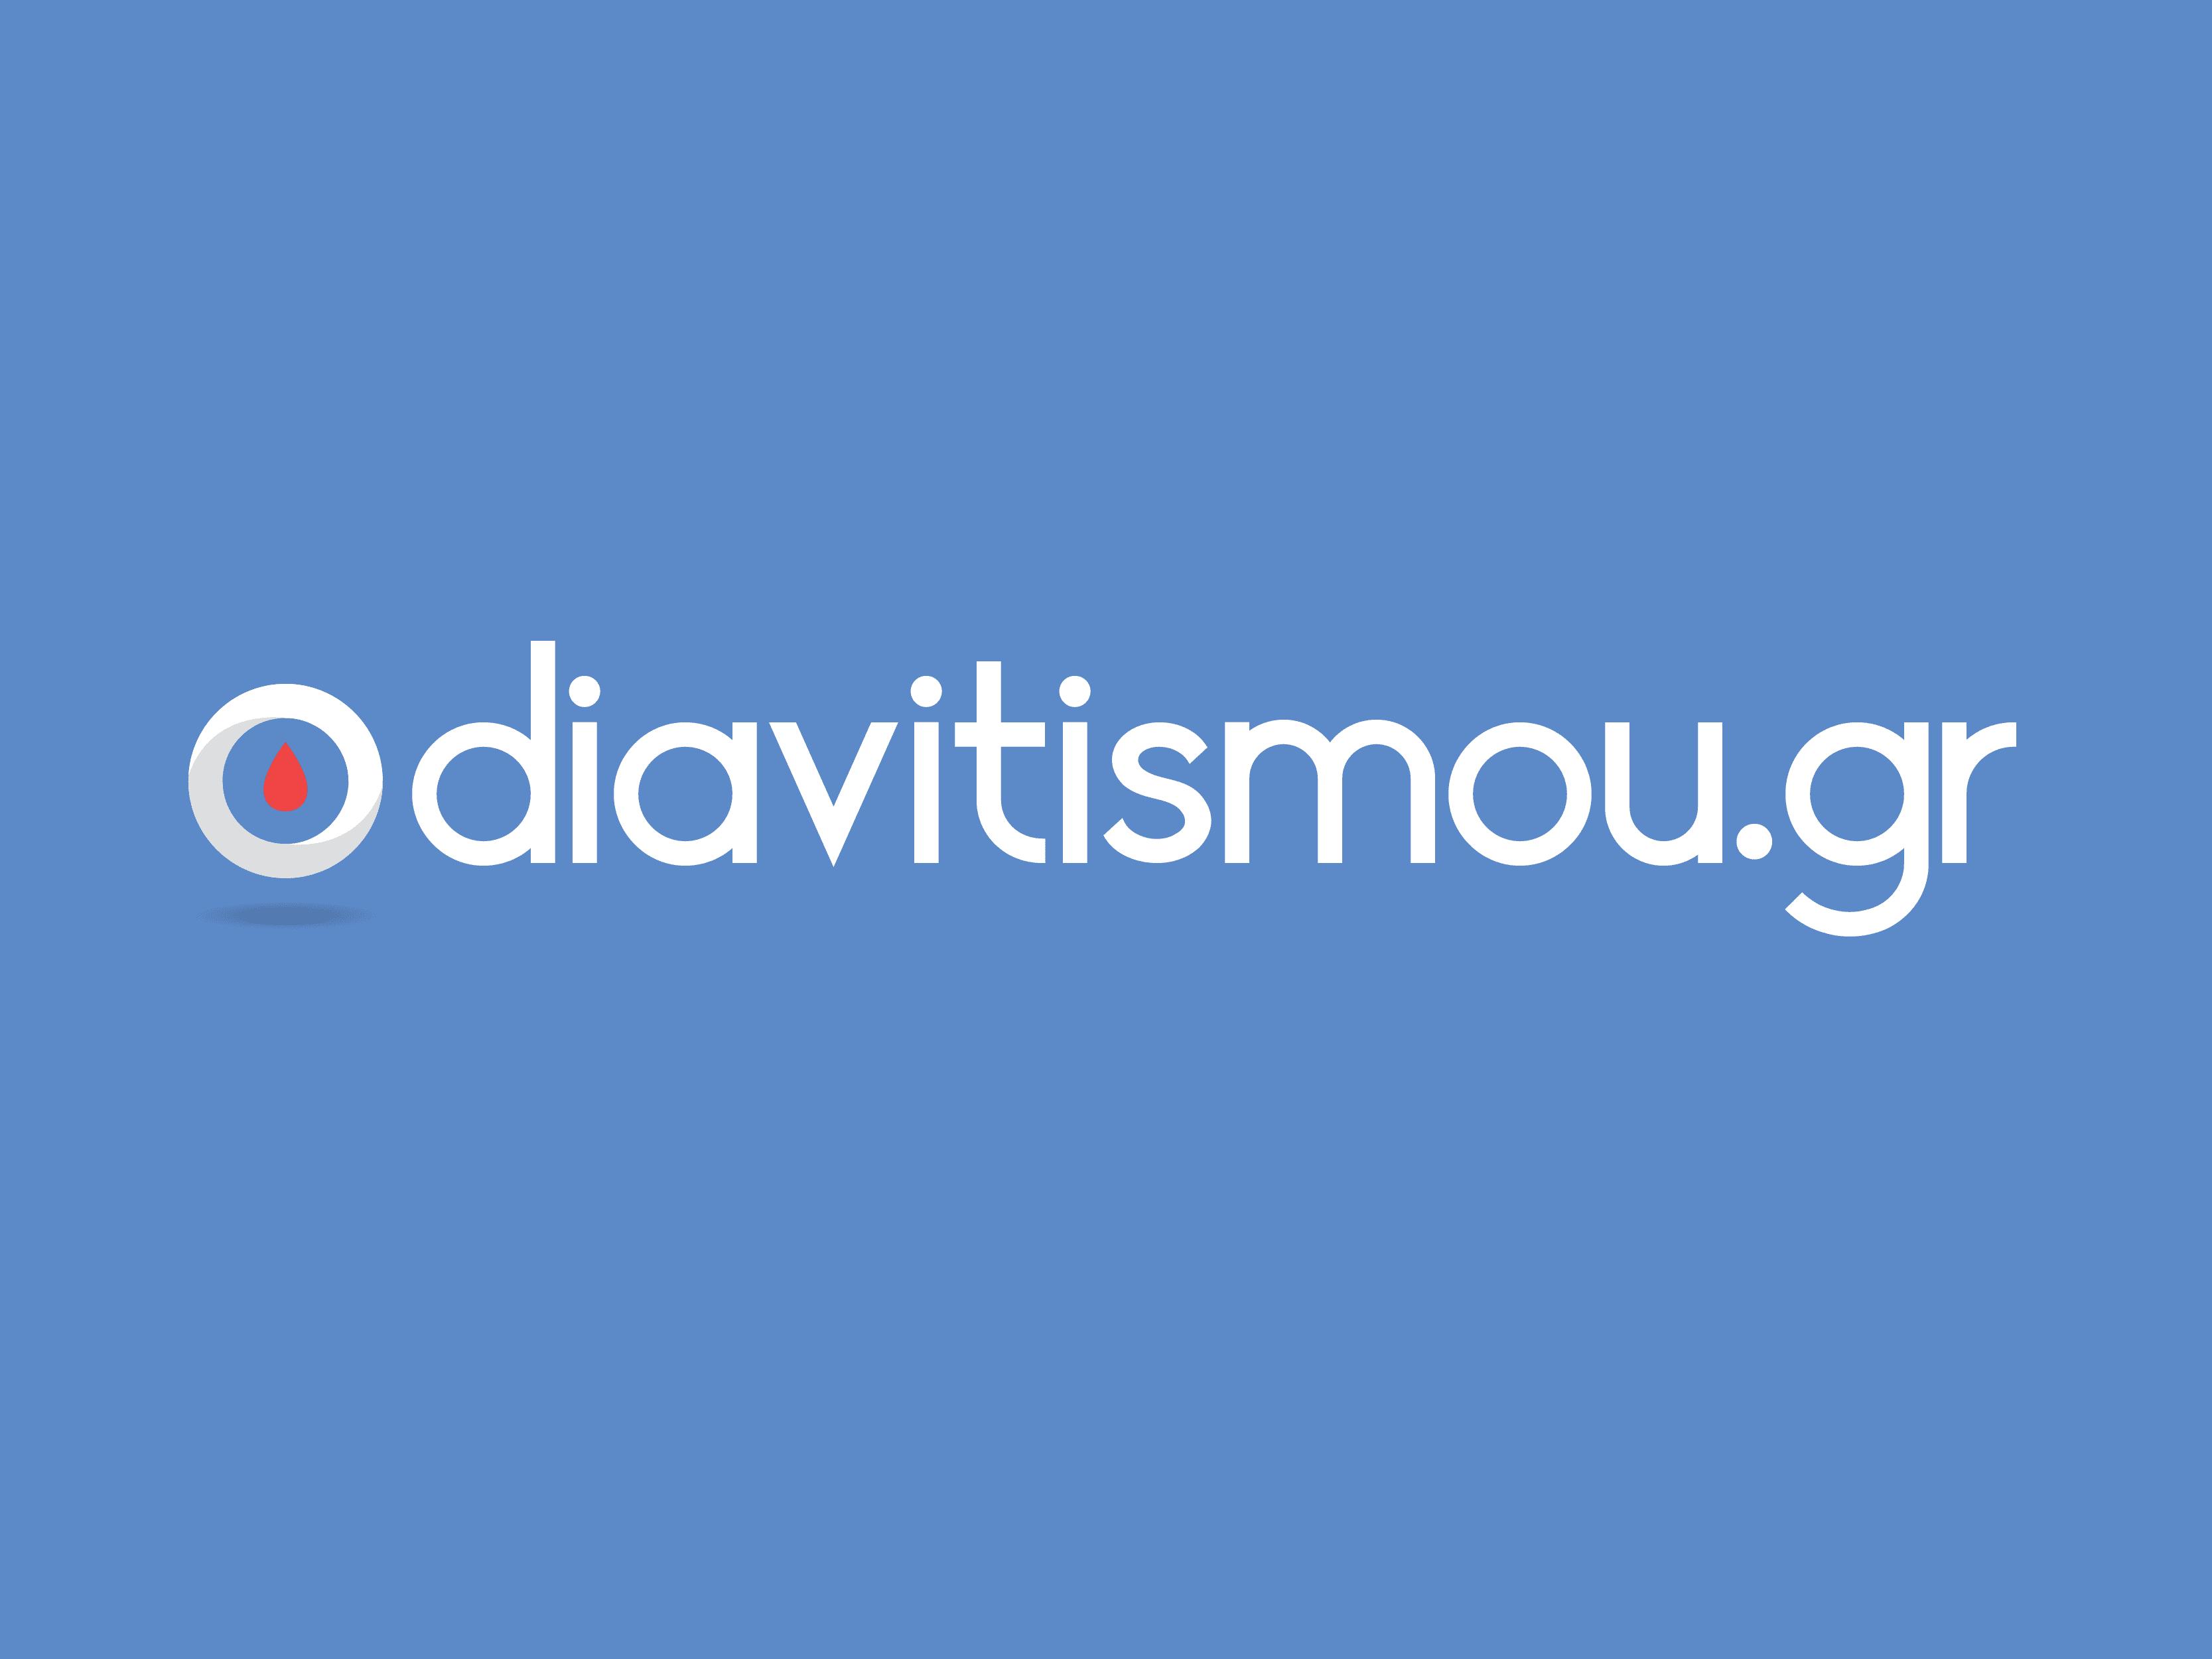 Η νέα πύλη ενημέρωσης για τον Σακχαρώδη Διαβήτη